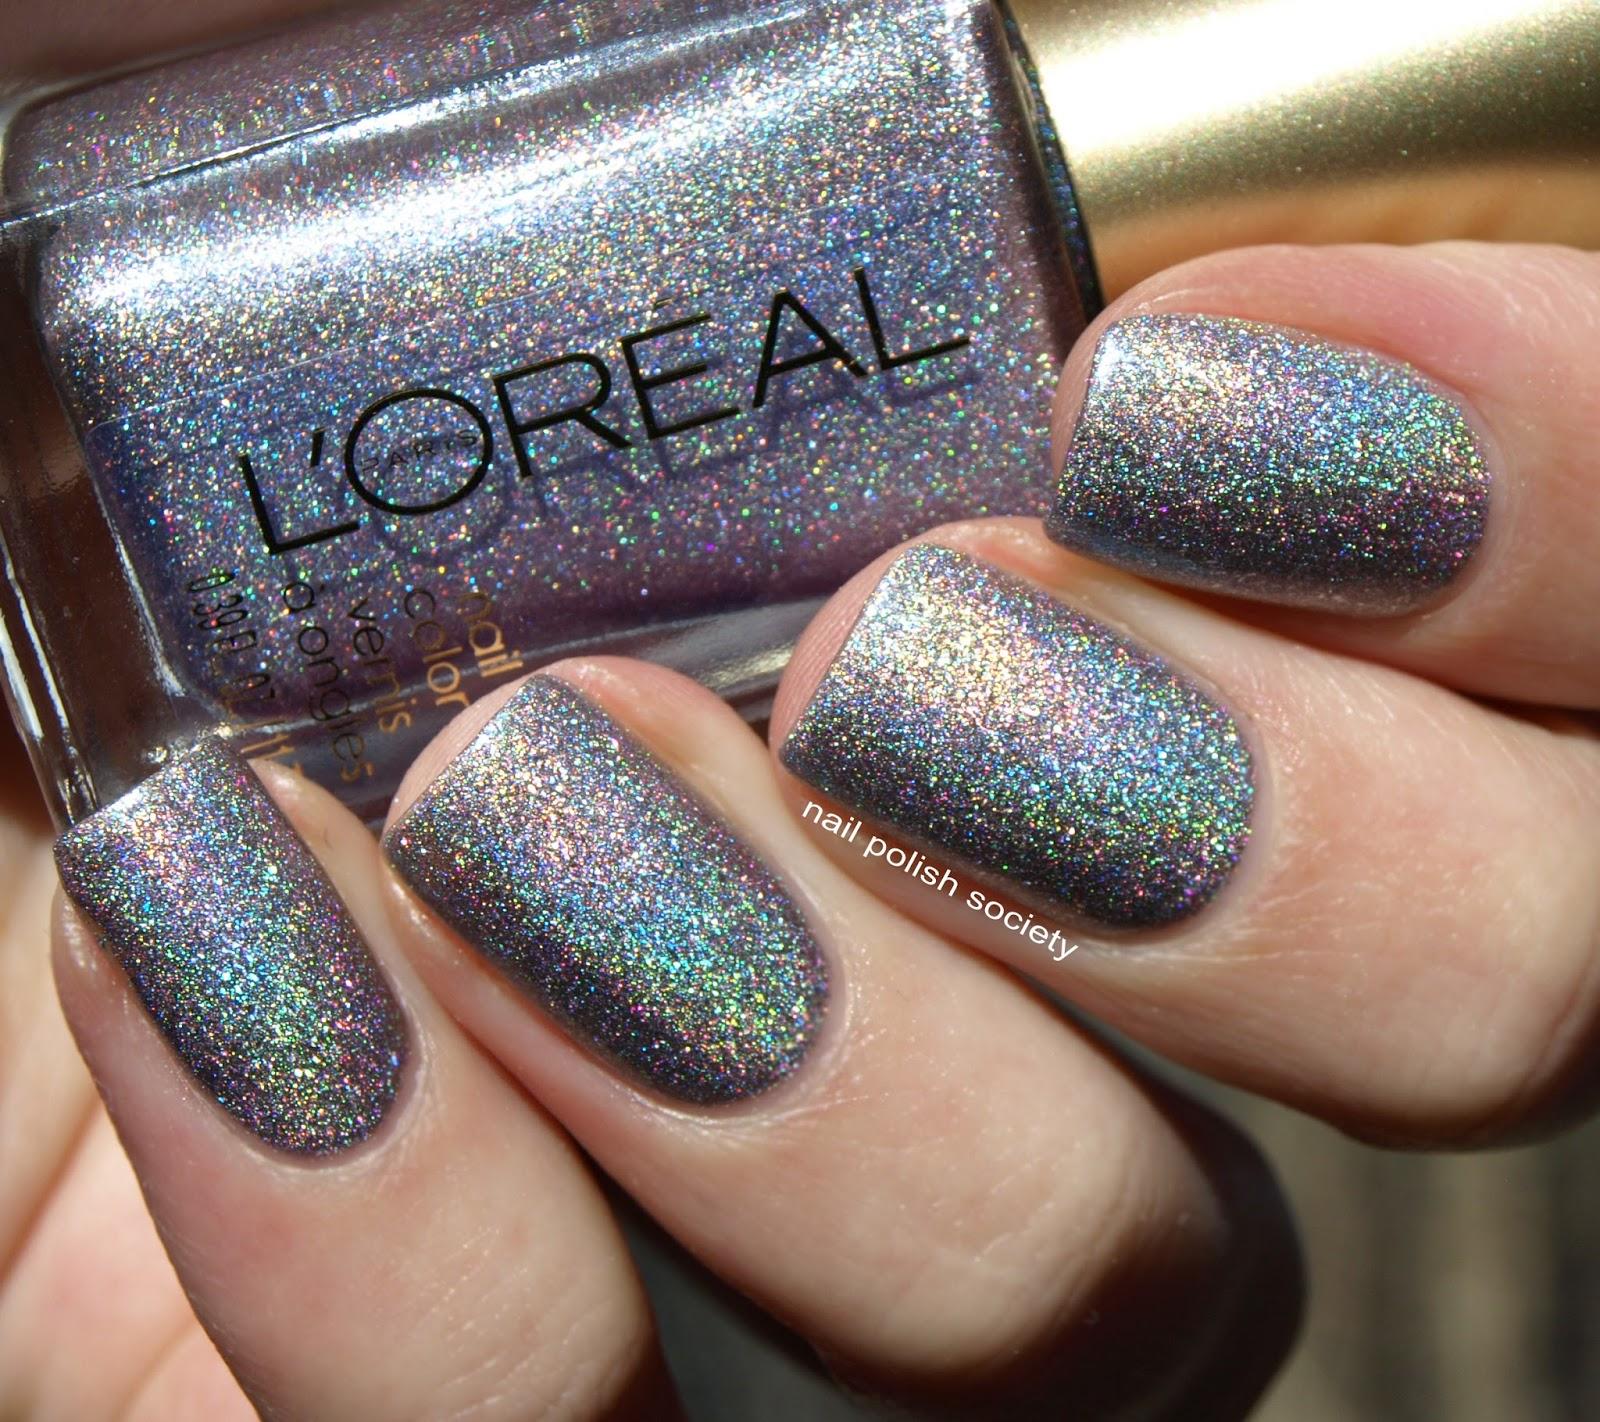 Loreal Nail Polish Swatches: Nail Polish Society: L'Oréal Masked Affair Swatches And Review